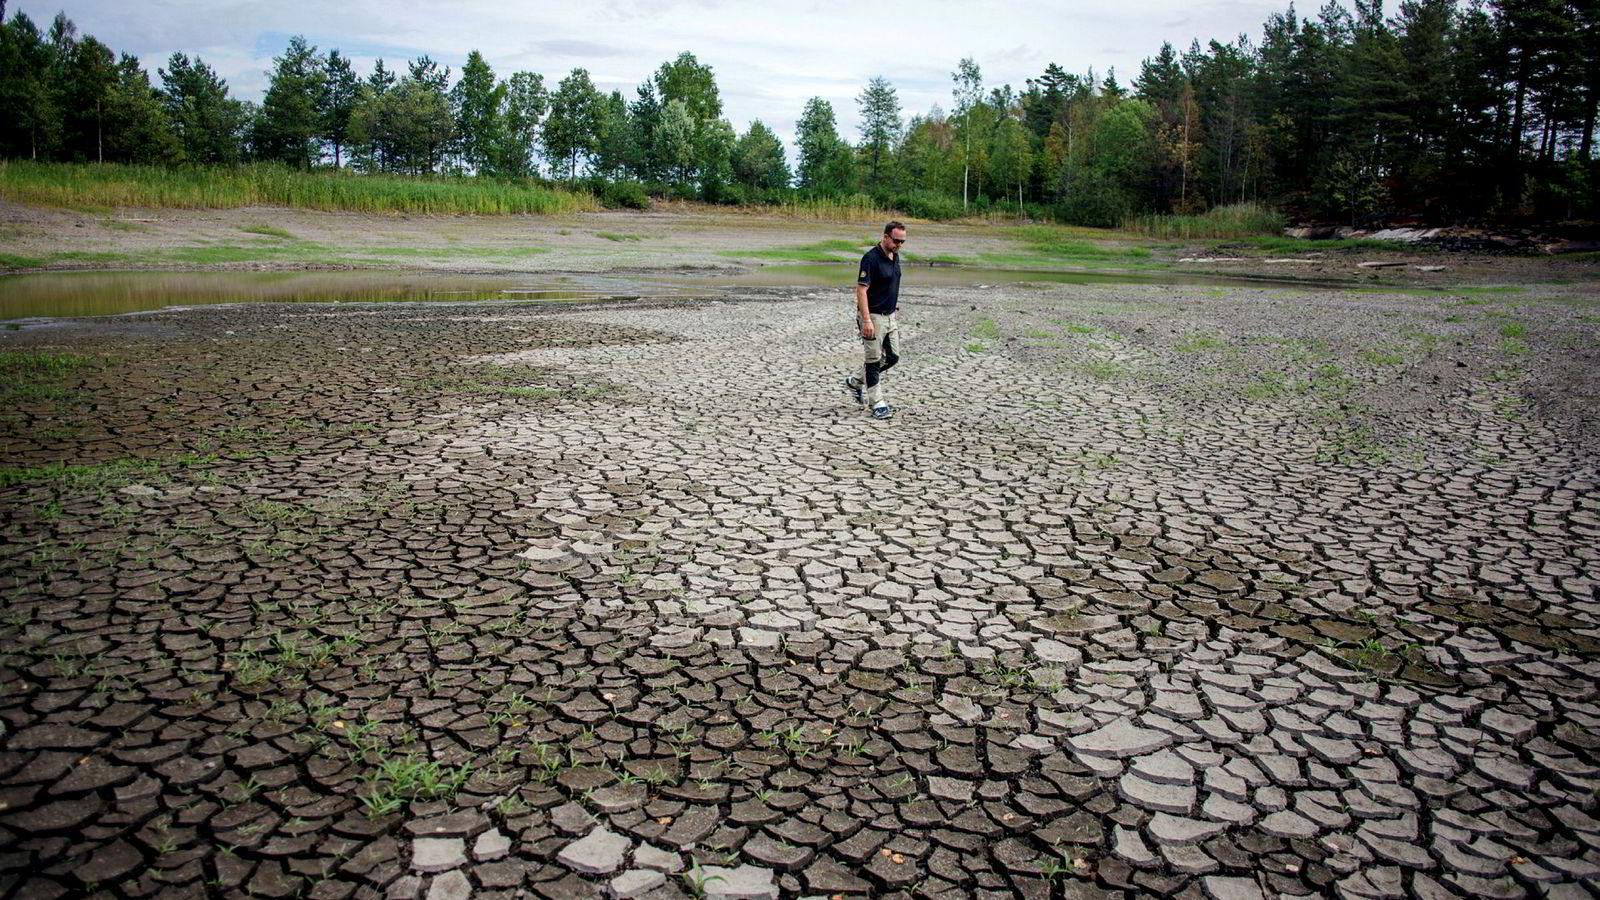 De fleste golfklubbene i Norge har egne vanndammer som de bruker til å vanne. Nøtterøy golfklubb har to, men nå er den ene så å si tom.